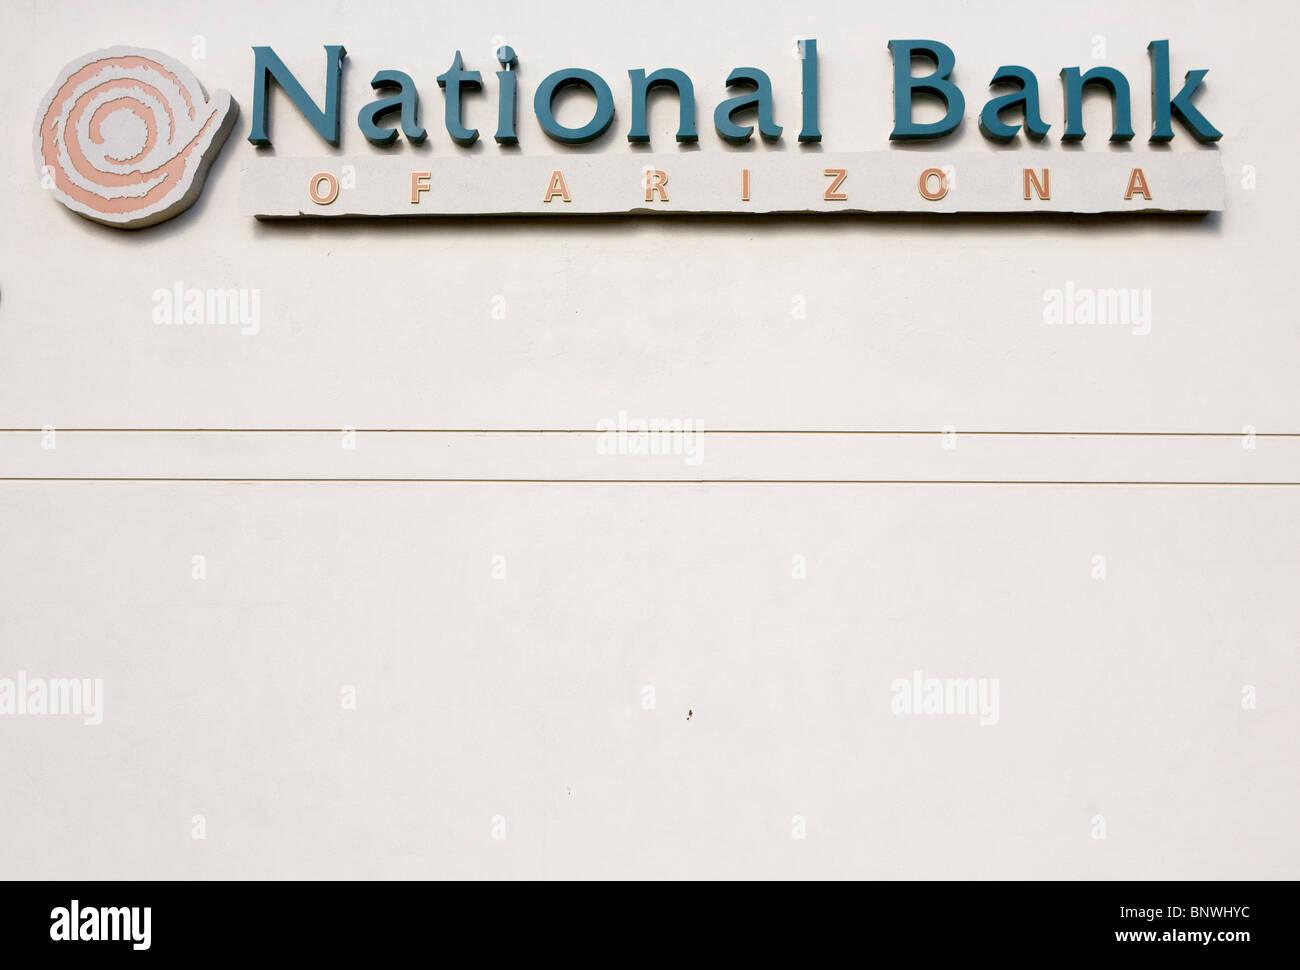 Eine Filiale der National Bank Of Arizona. Stockbild